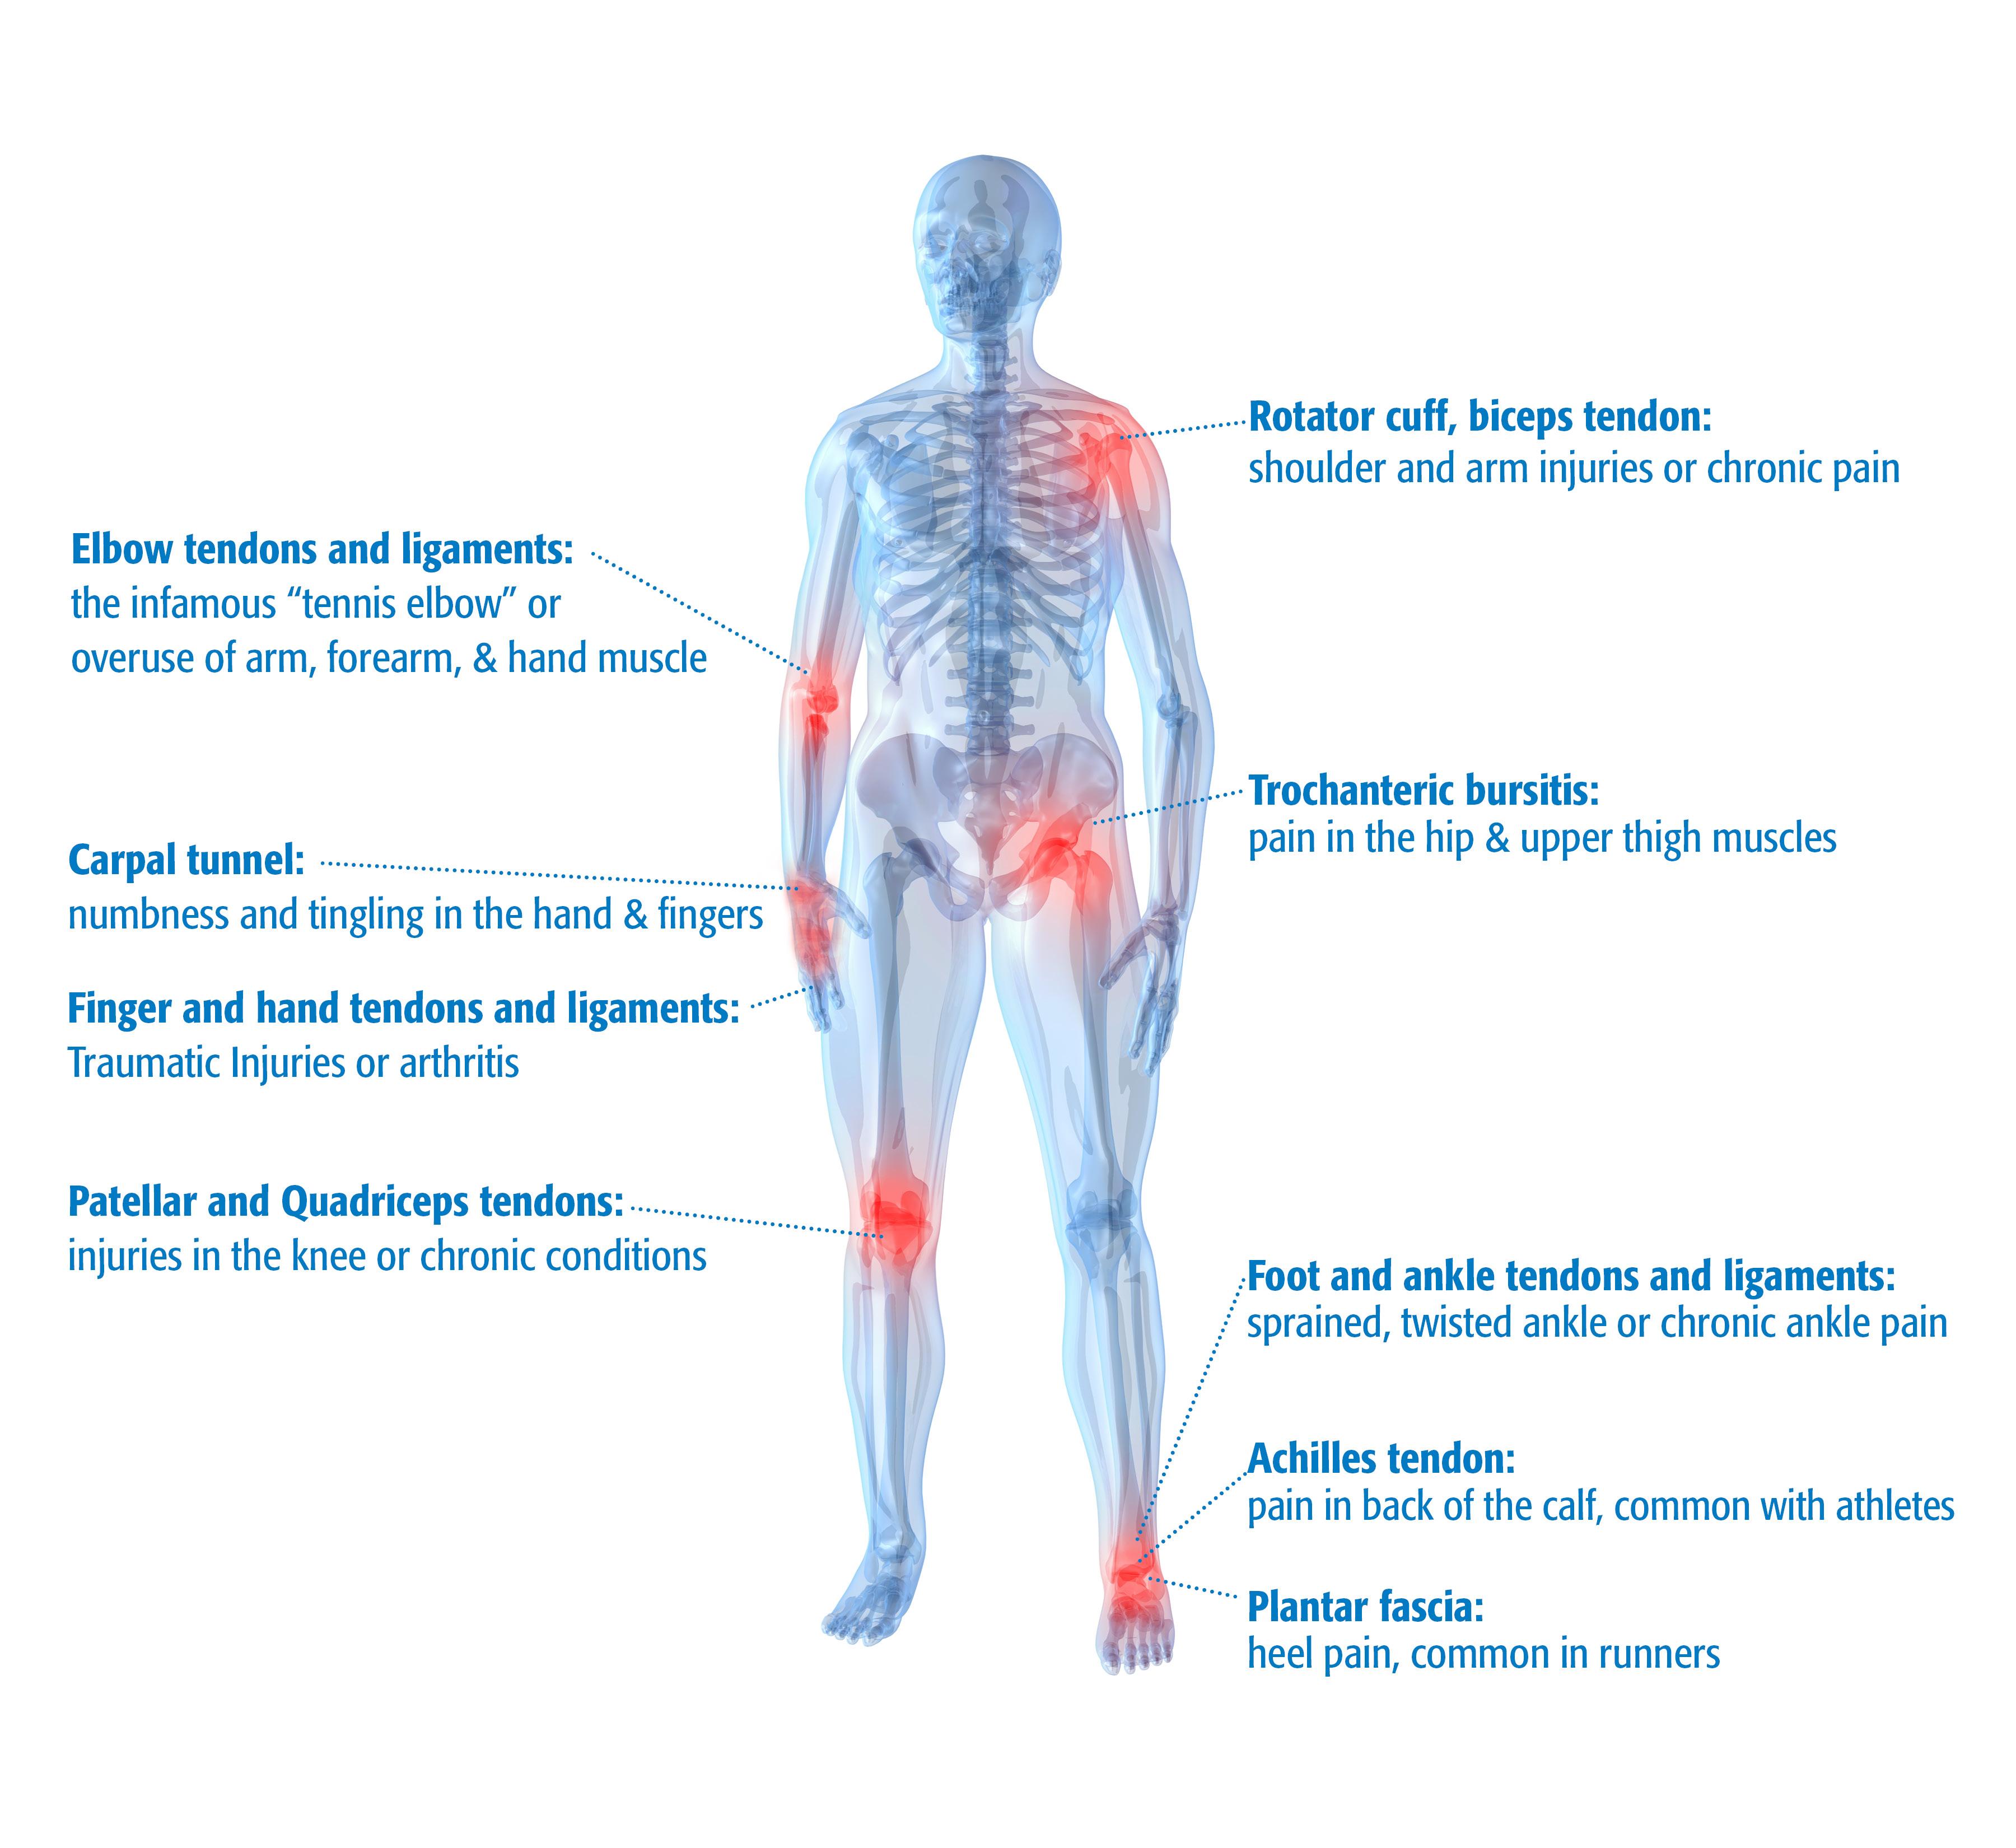 MSK Body Chart - Regional Medical Imaging